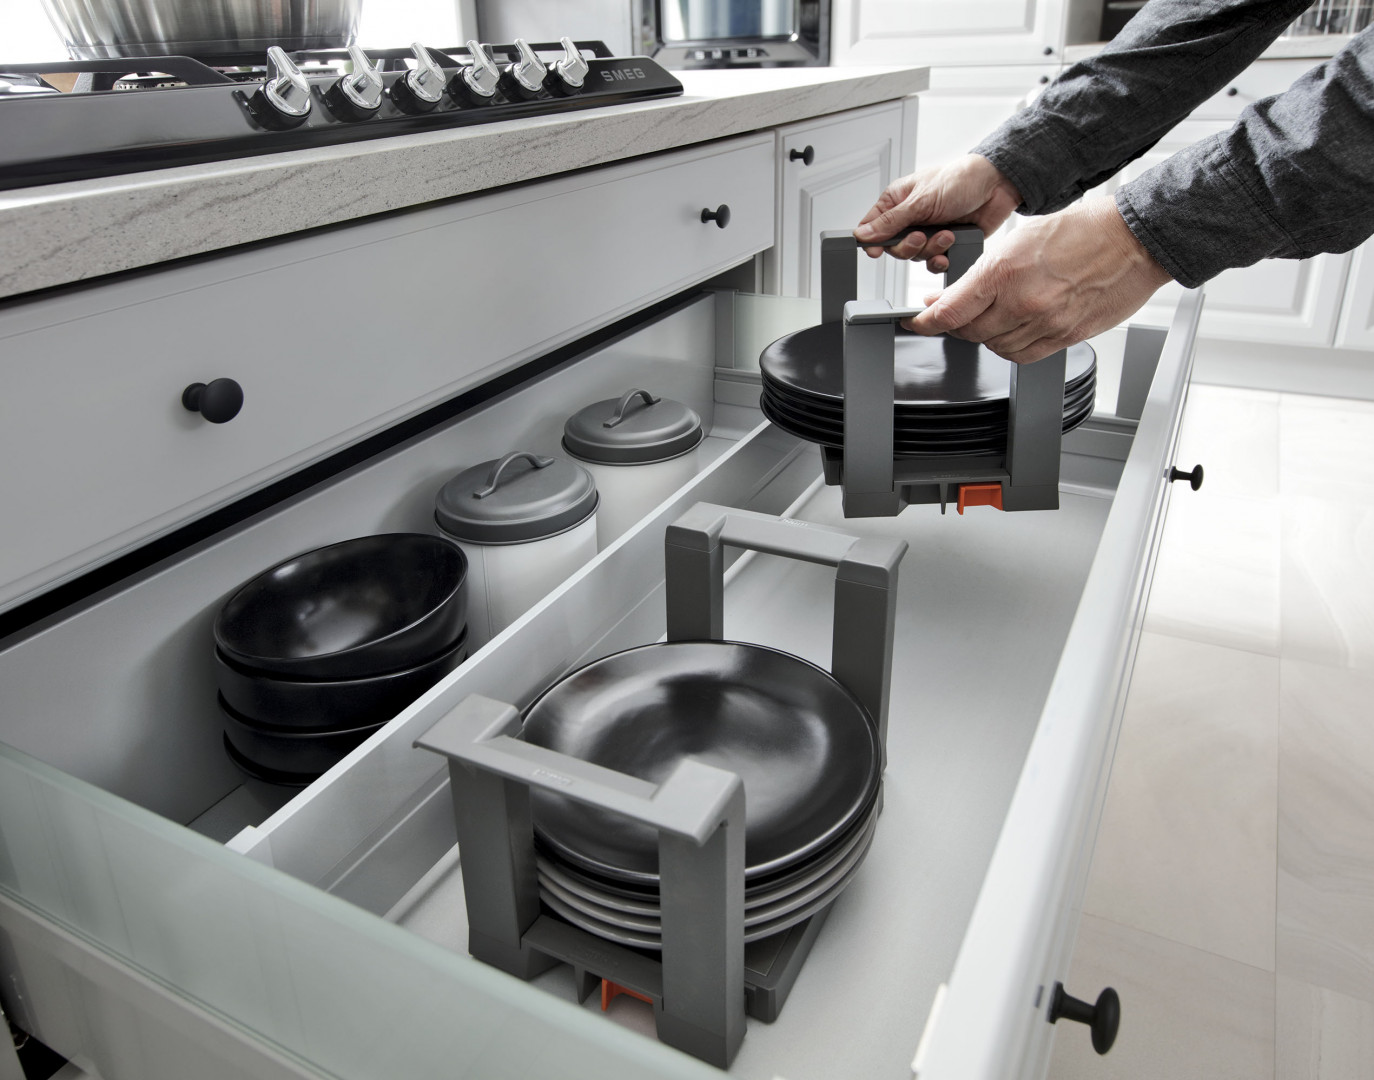 Specjalne uchwyty pozwolą zapobiec przesuwaniu się talerzy w szufladzie. Fot. BRW